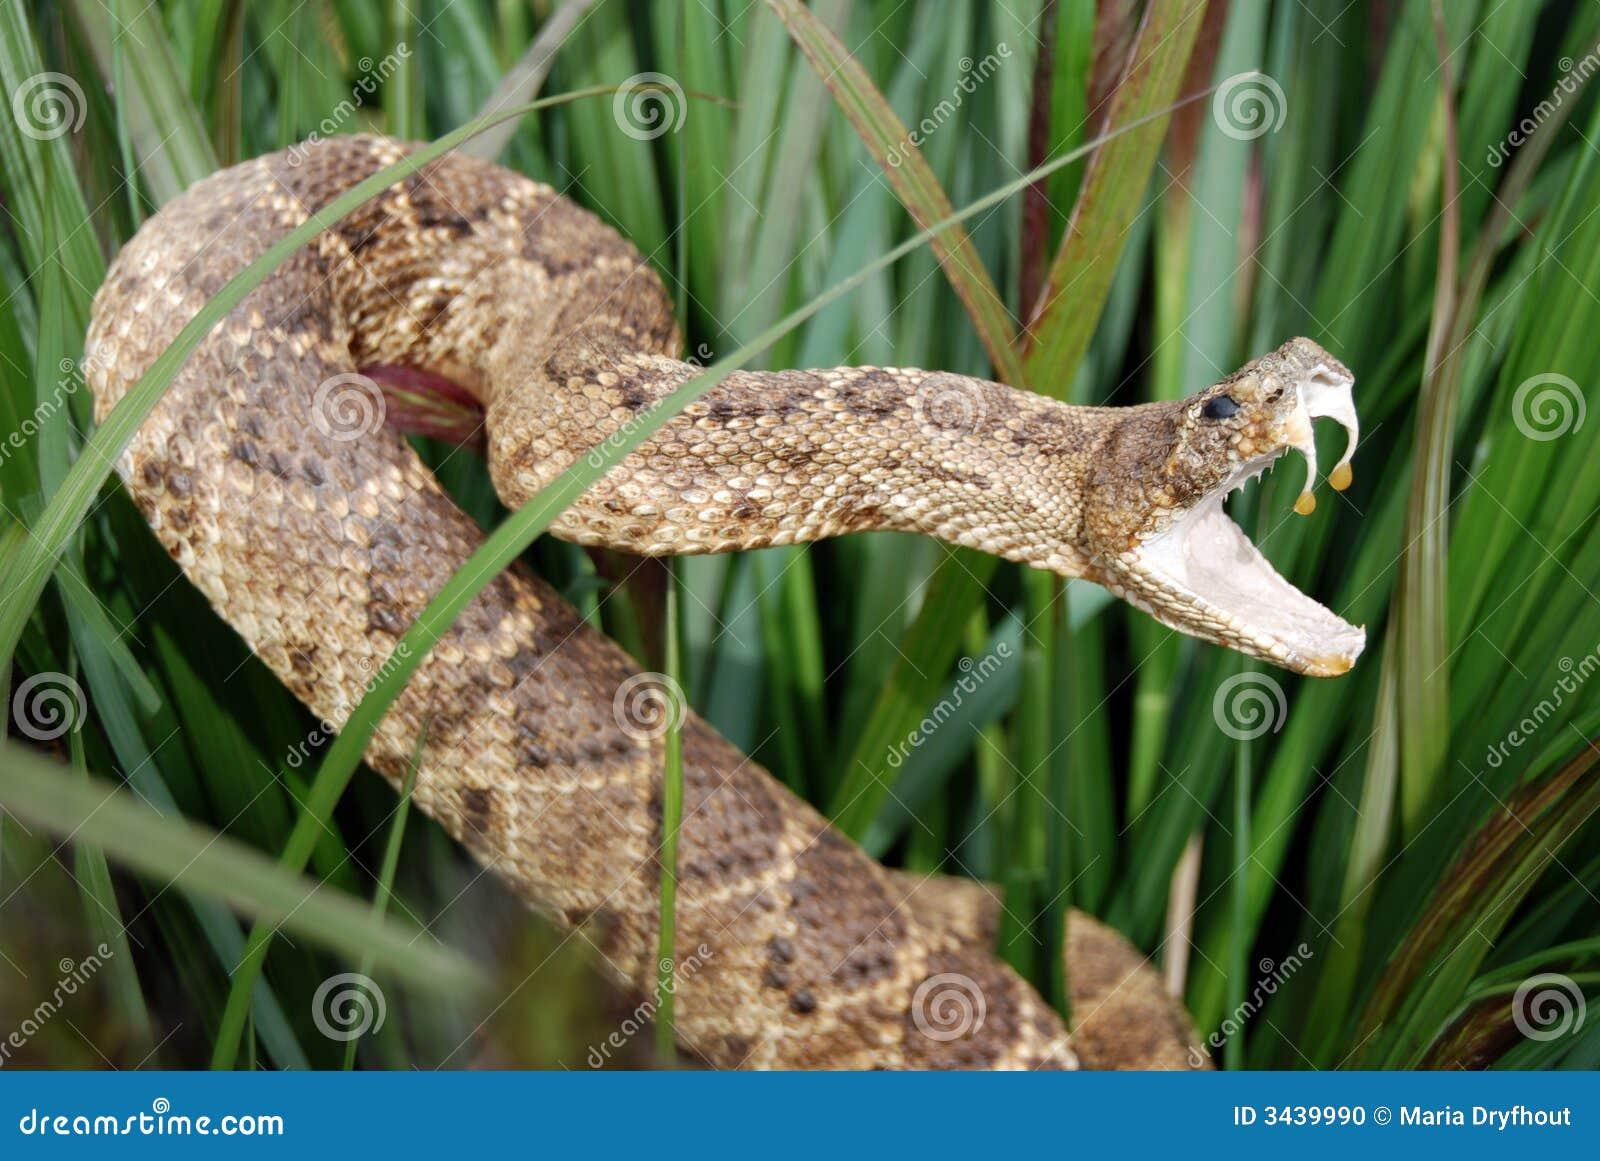 Serpiente disimulada